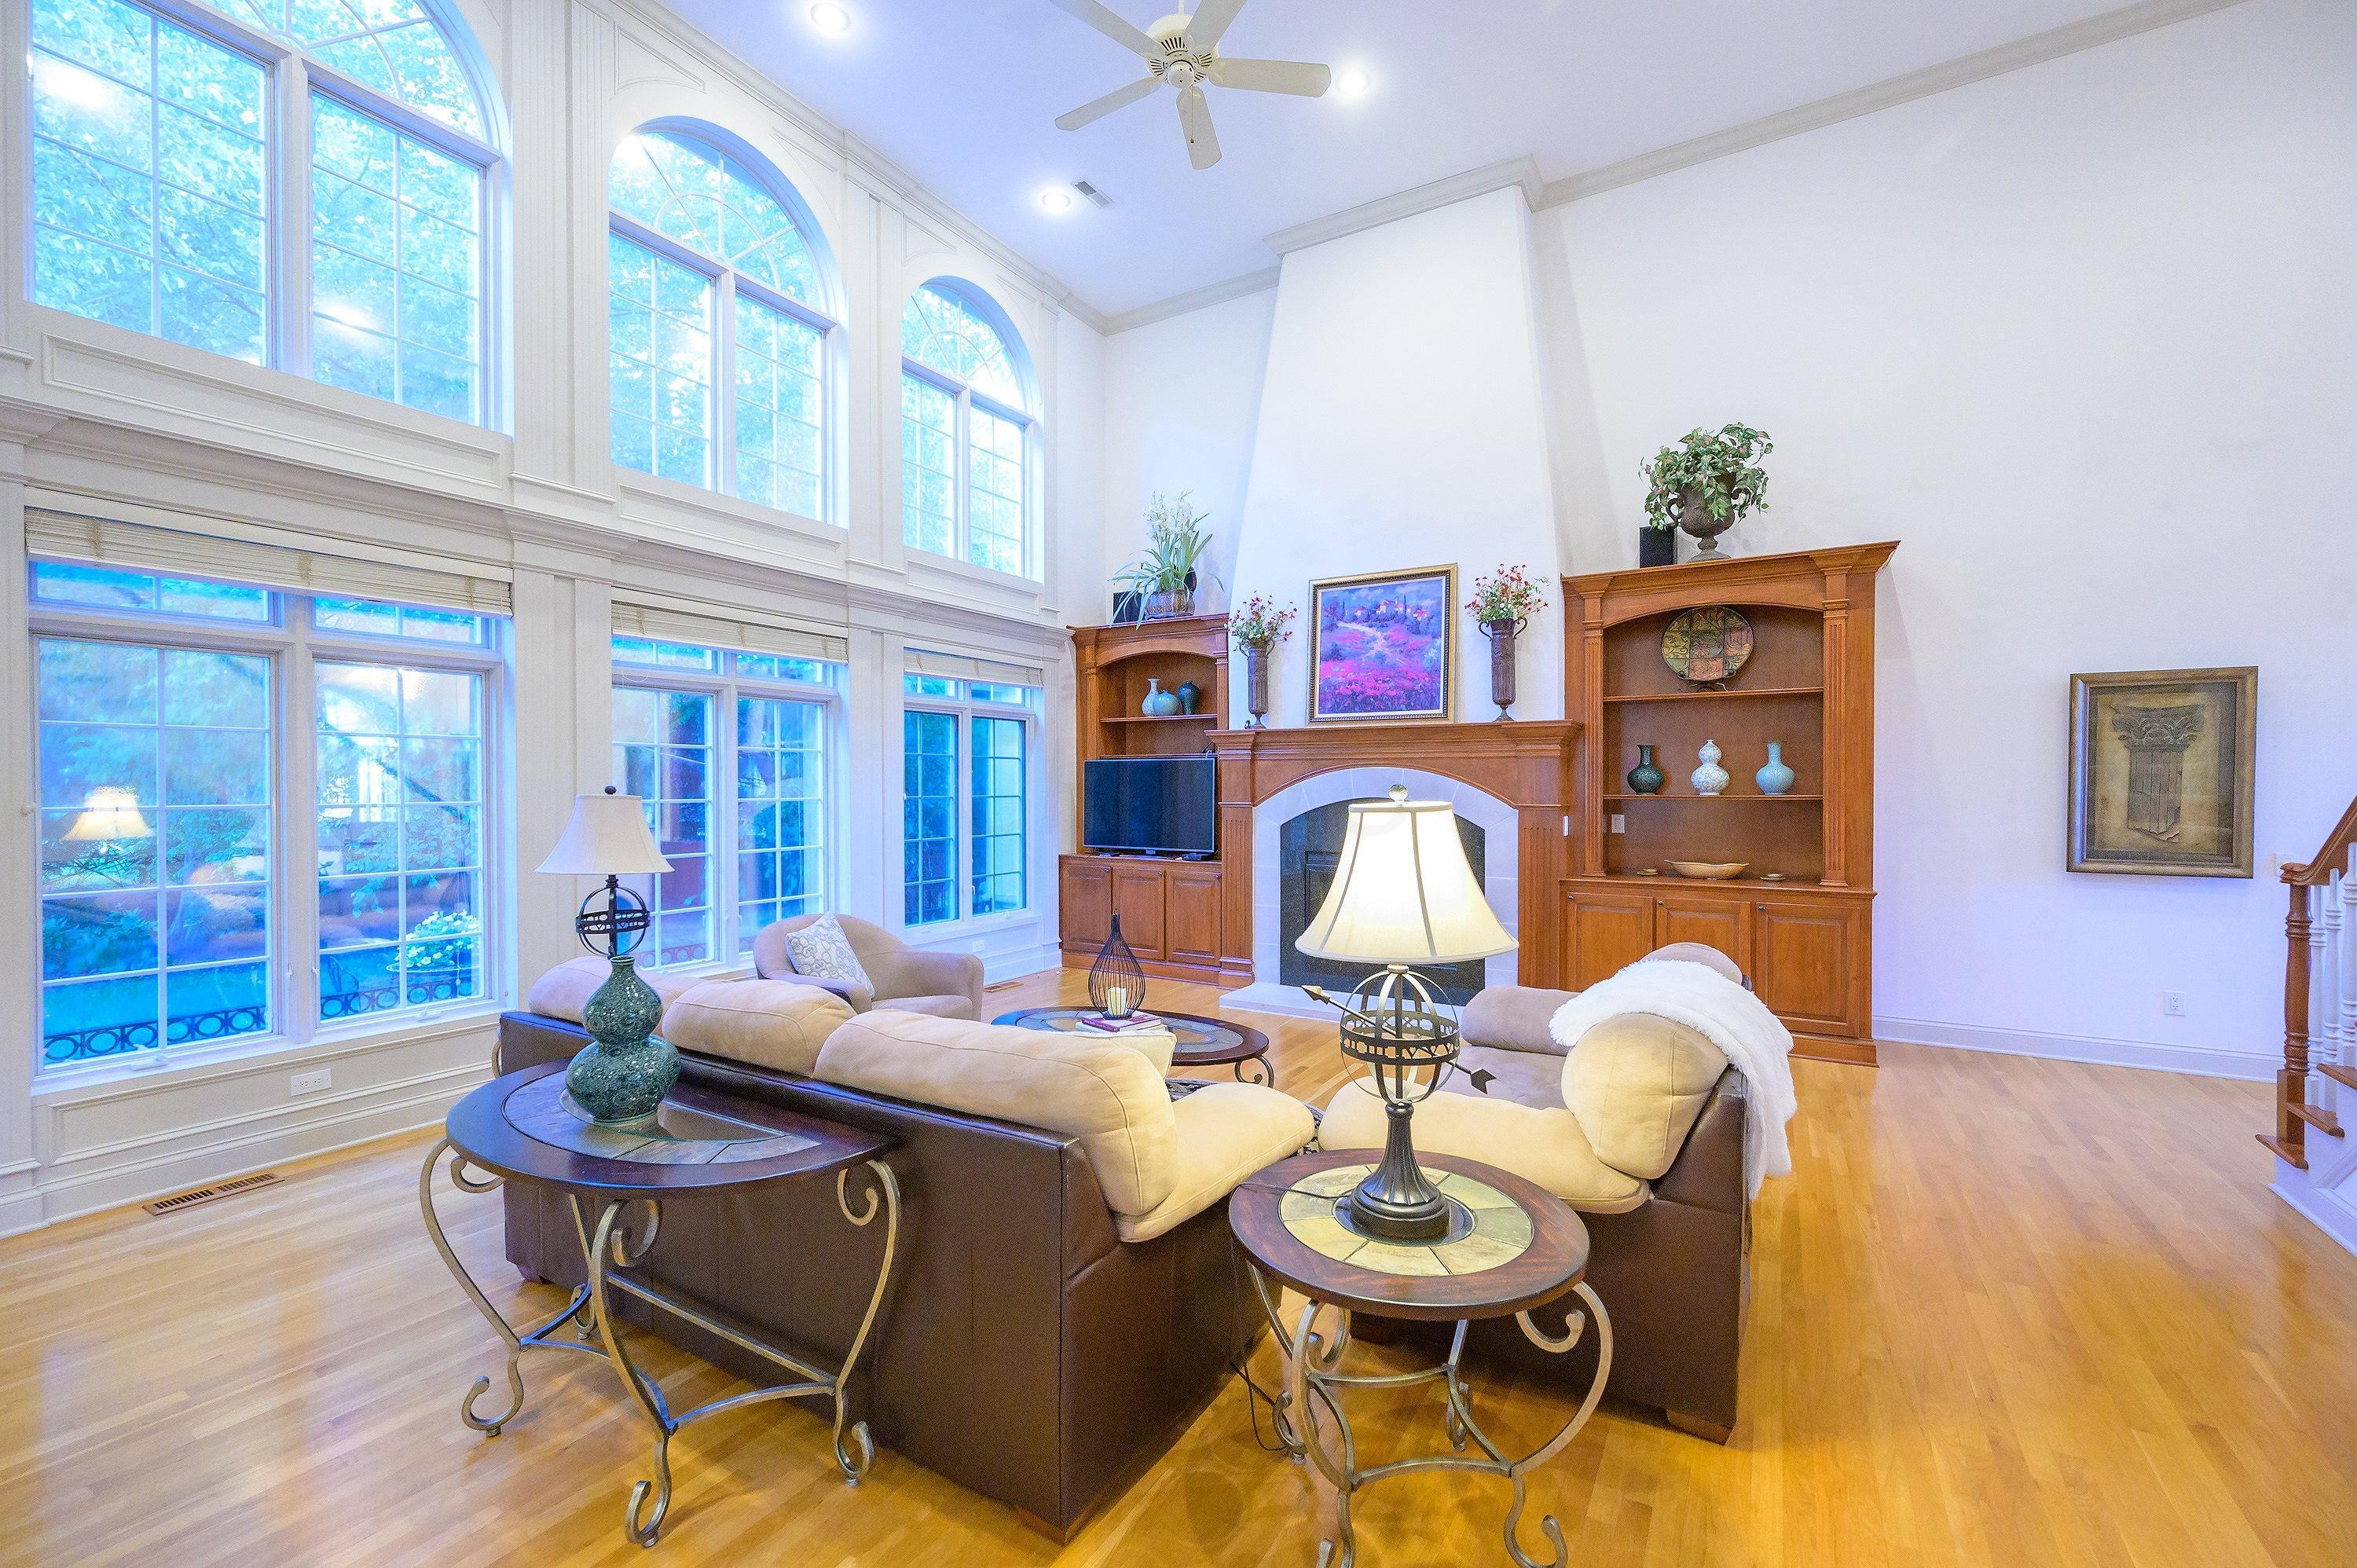 8983 Tartan Fields Drive, Dublin, Ohio 43017, 4 Bedrooms Bedrooms, ,5 BathroomsBathrooms,Residential,For Sale,Tartan Fields,220023091